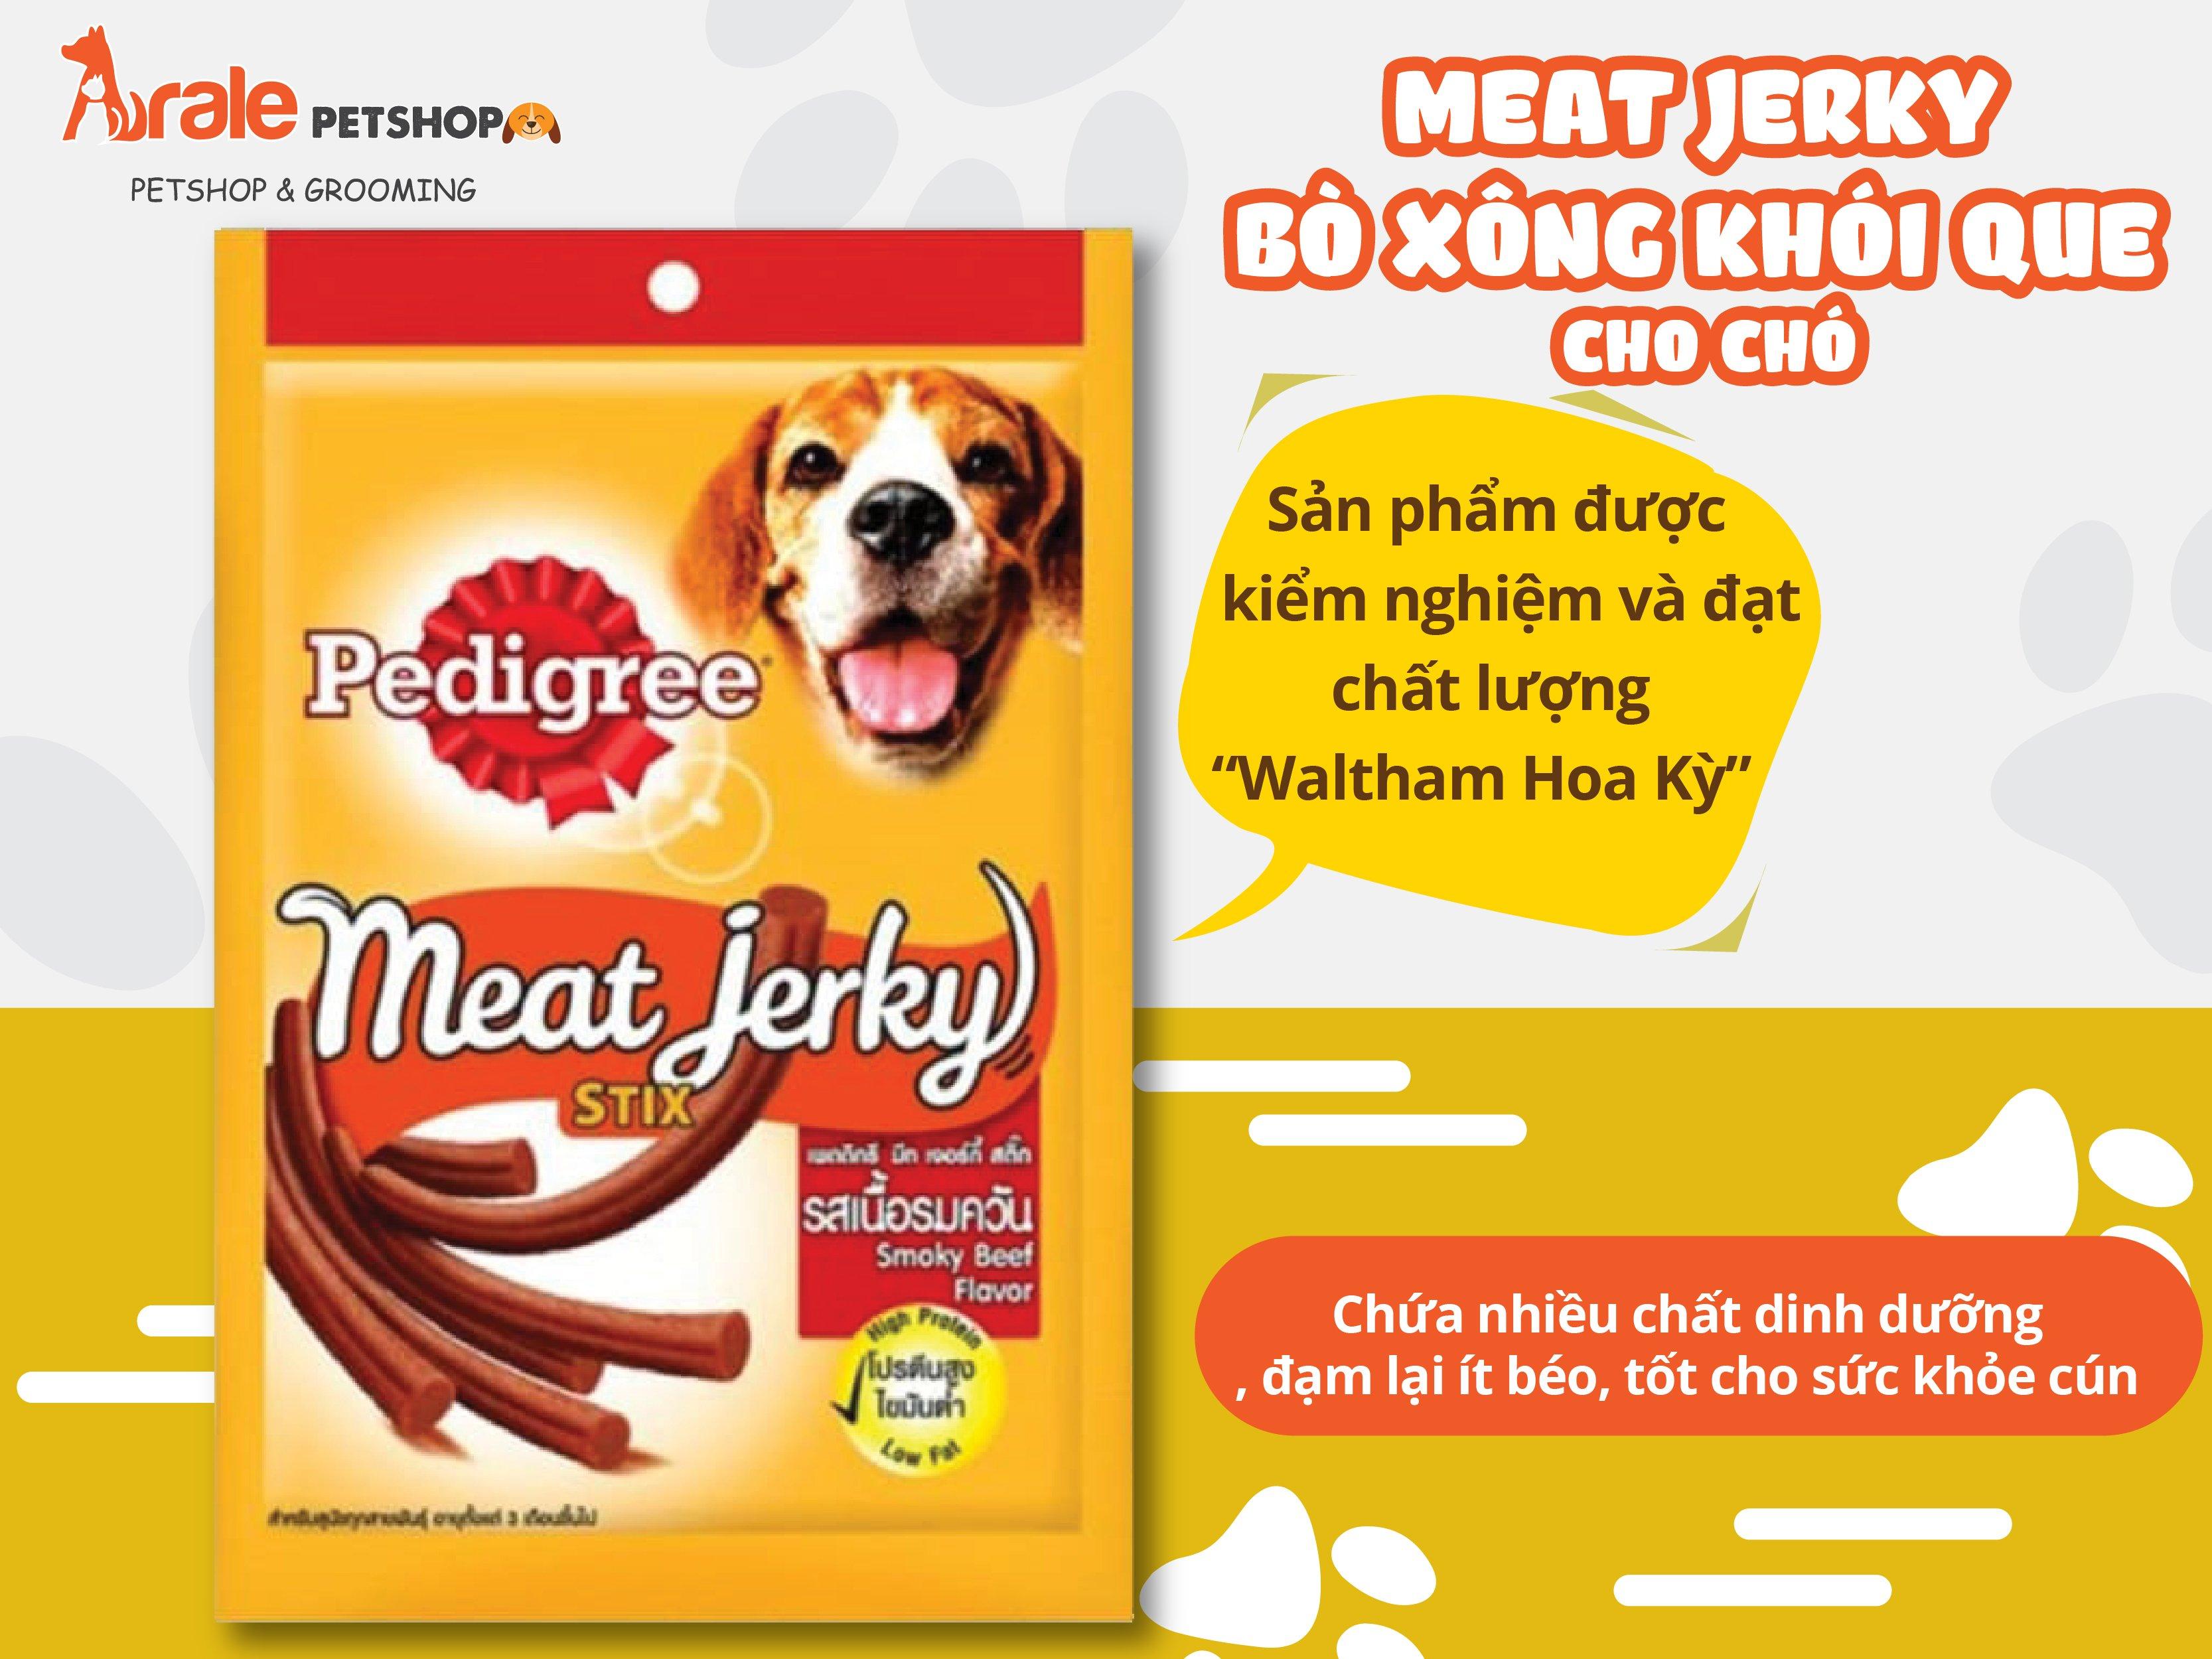 MEAT JERKY - BÒ XÔNG KHÓI QUE CHO CHÓ